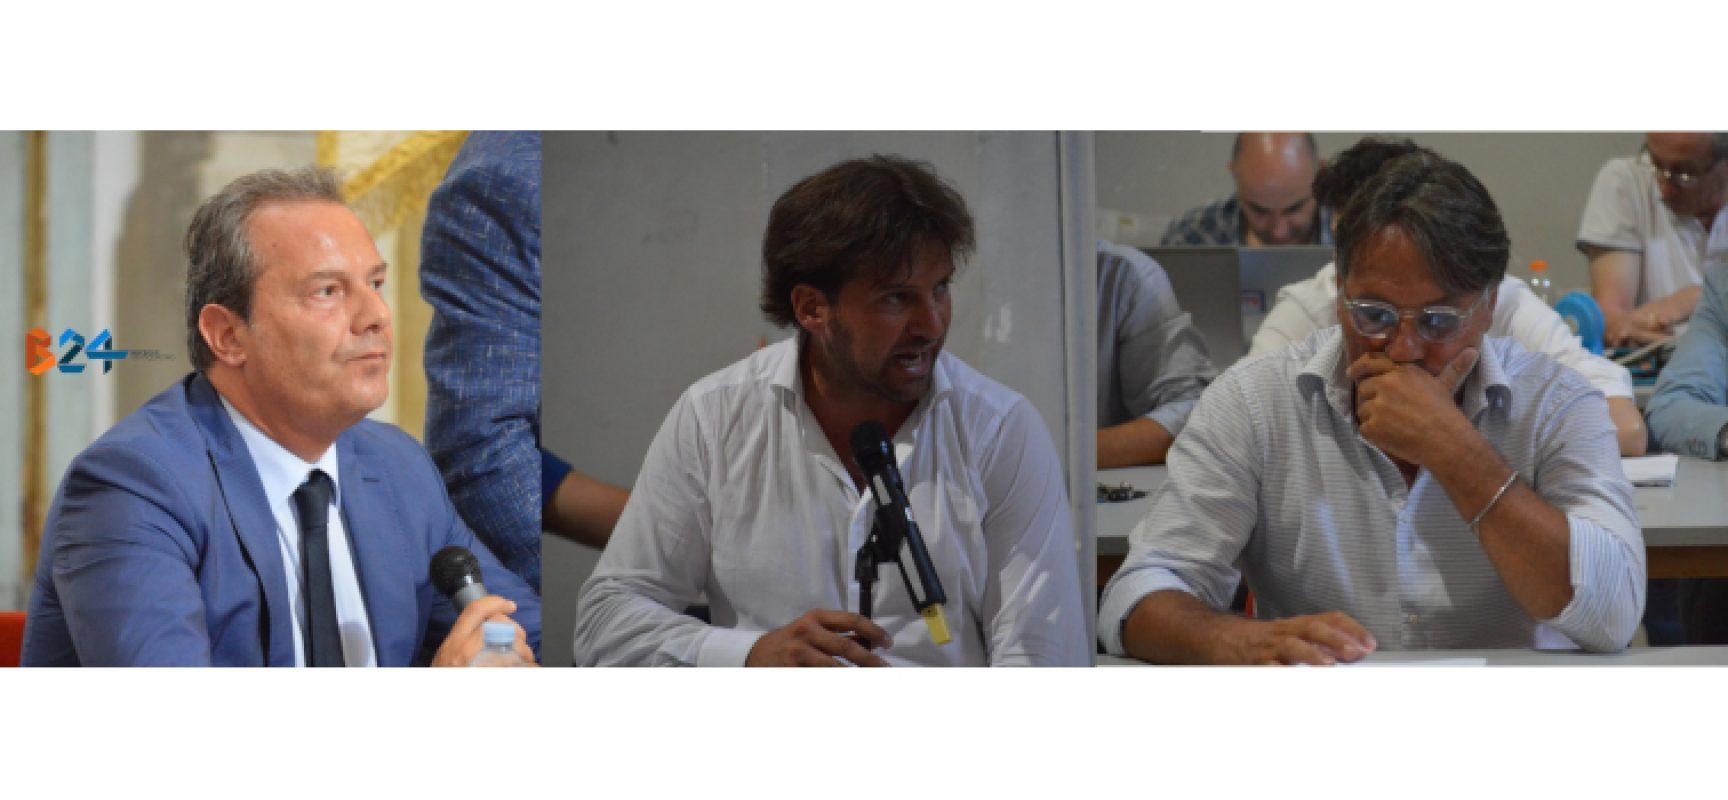 Consiglio comunale, sciolta la riserva sulle convalide: dentro anche Spina, Di Tullio e Innocenti